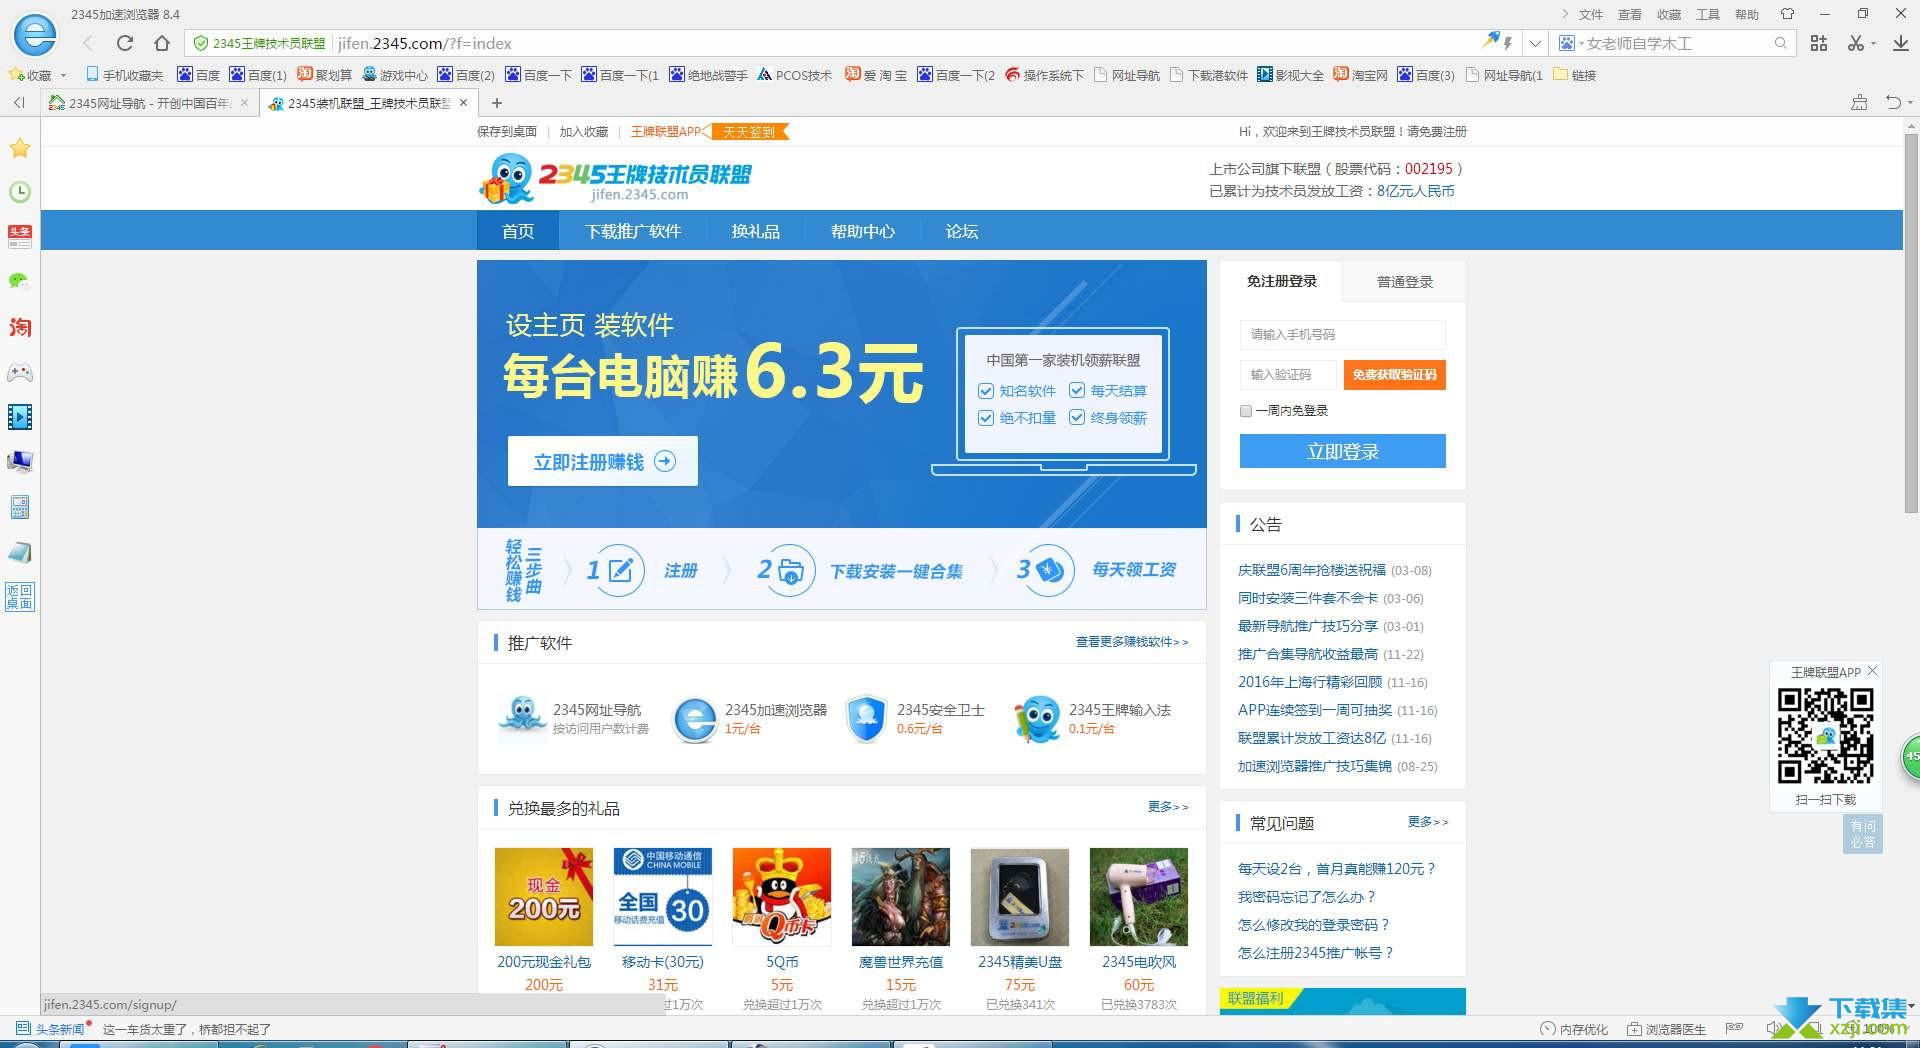 2345加速浏览器界面2